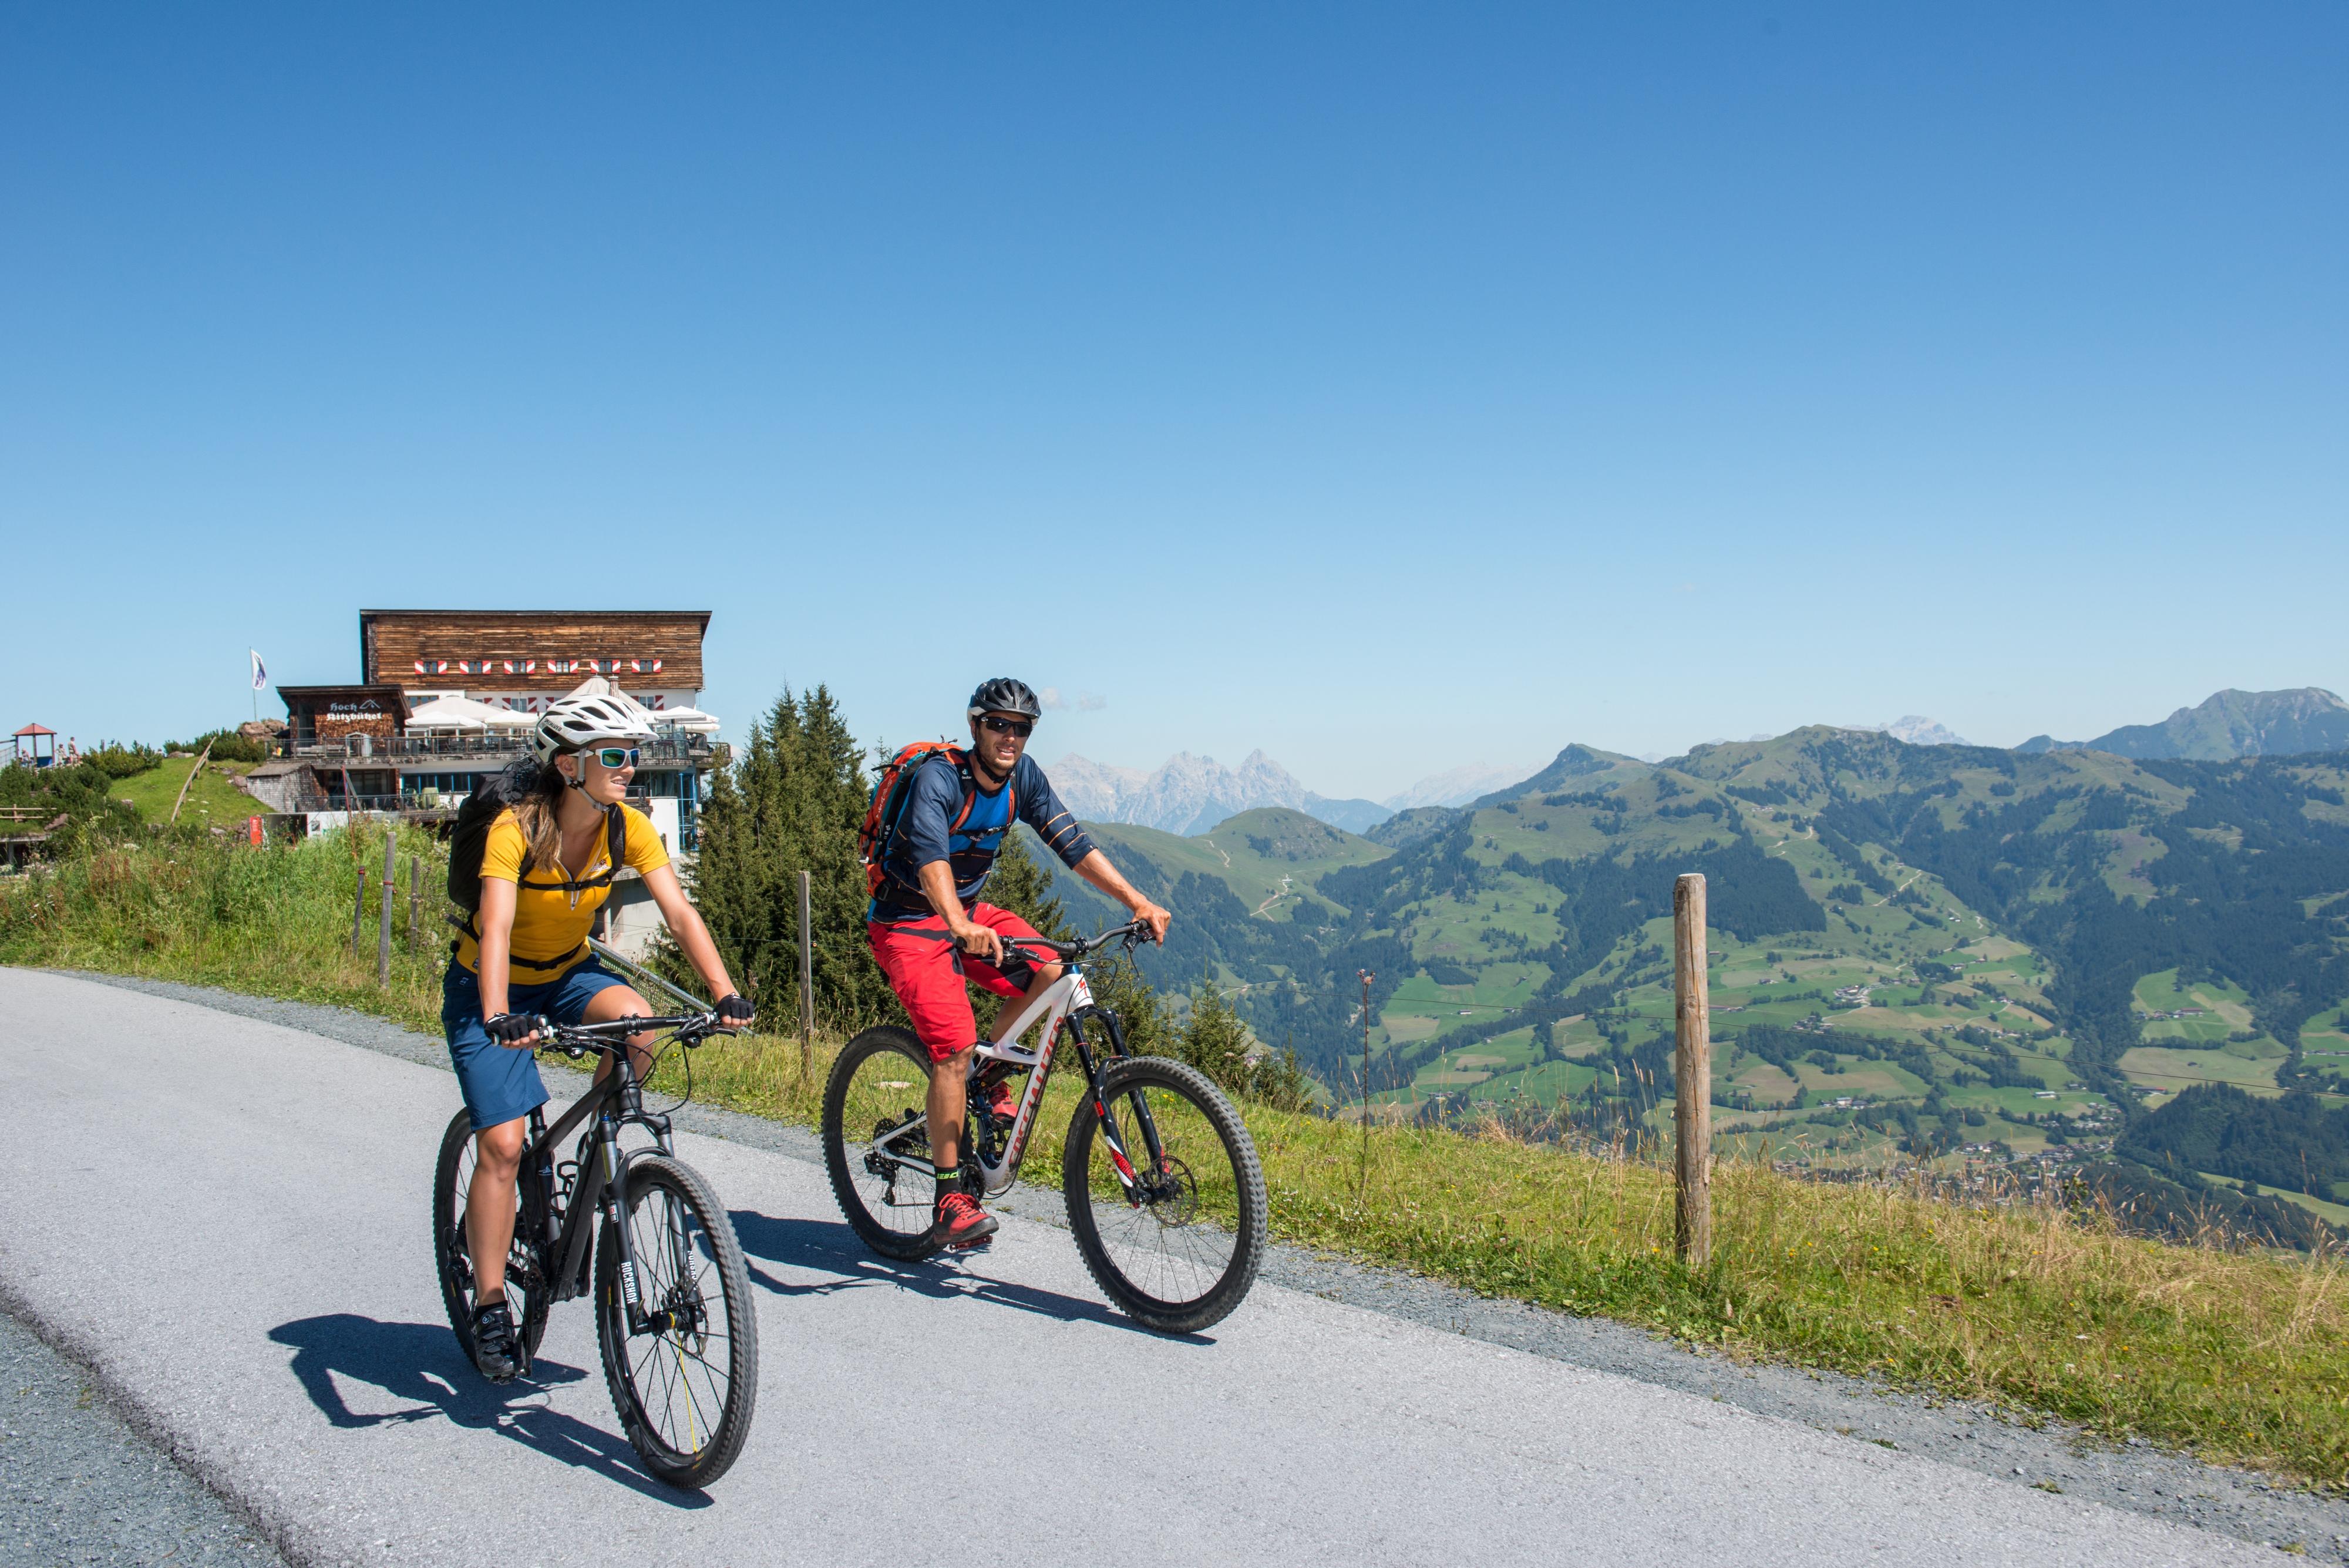 Radfahrer Paar Sonne Alpen